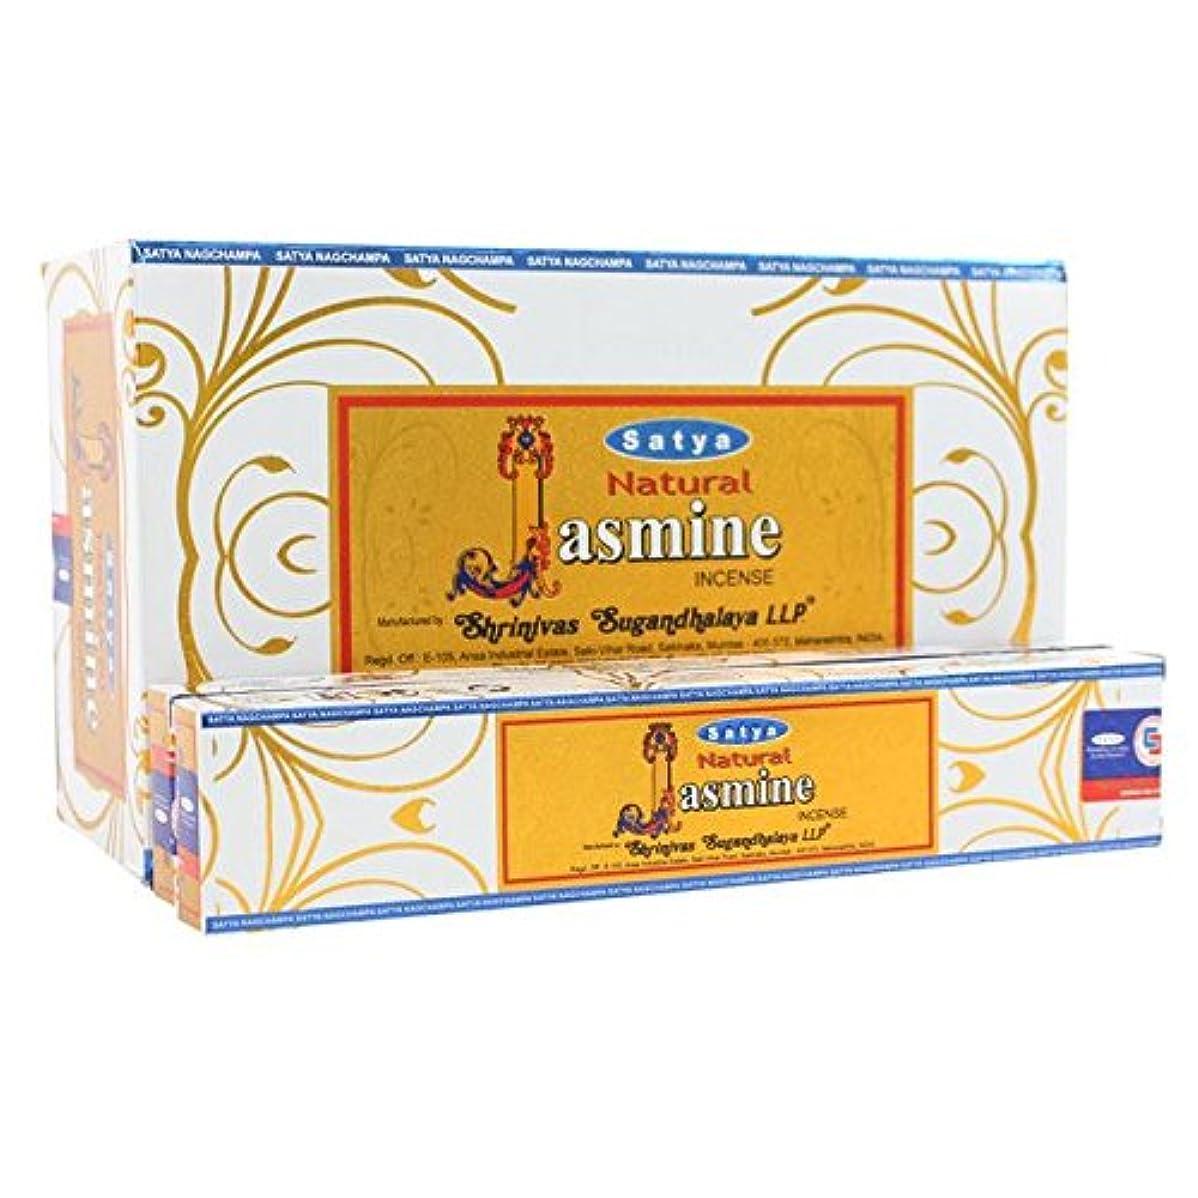 憧れ好意やさしいBox Of 12 Packs Of Natural Jasmine Incense Sticks By Satya